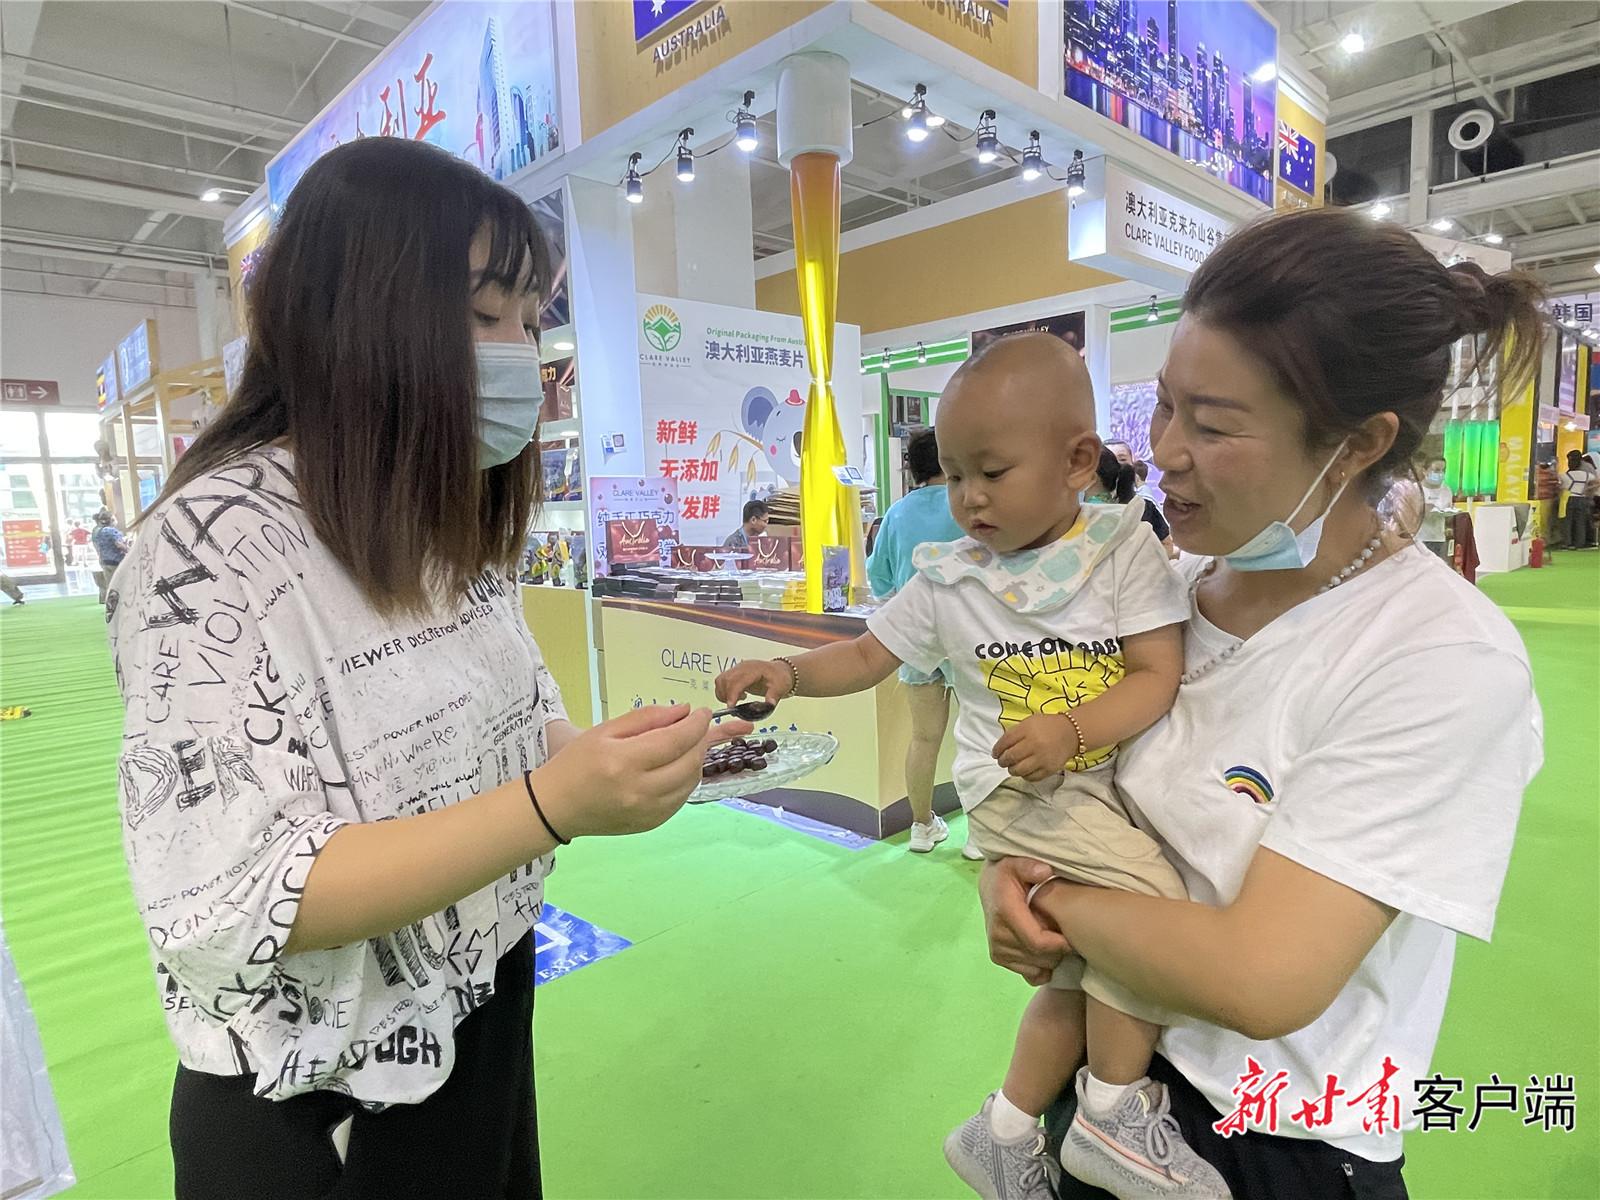 市民在展馆内参观并挑选自己喜欢的物件